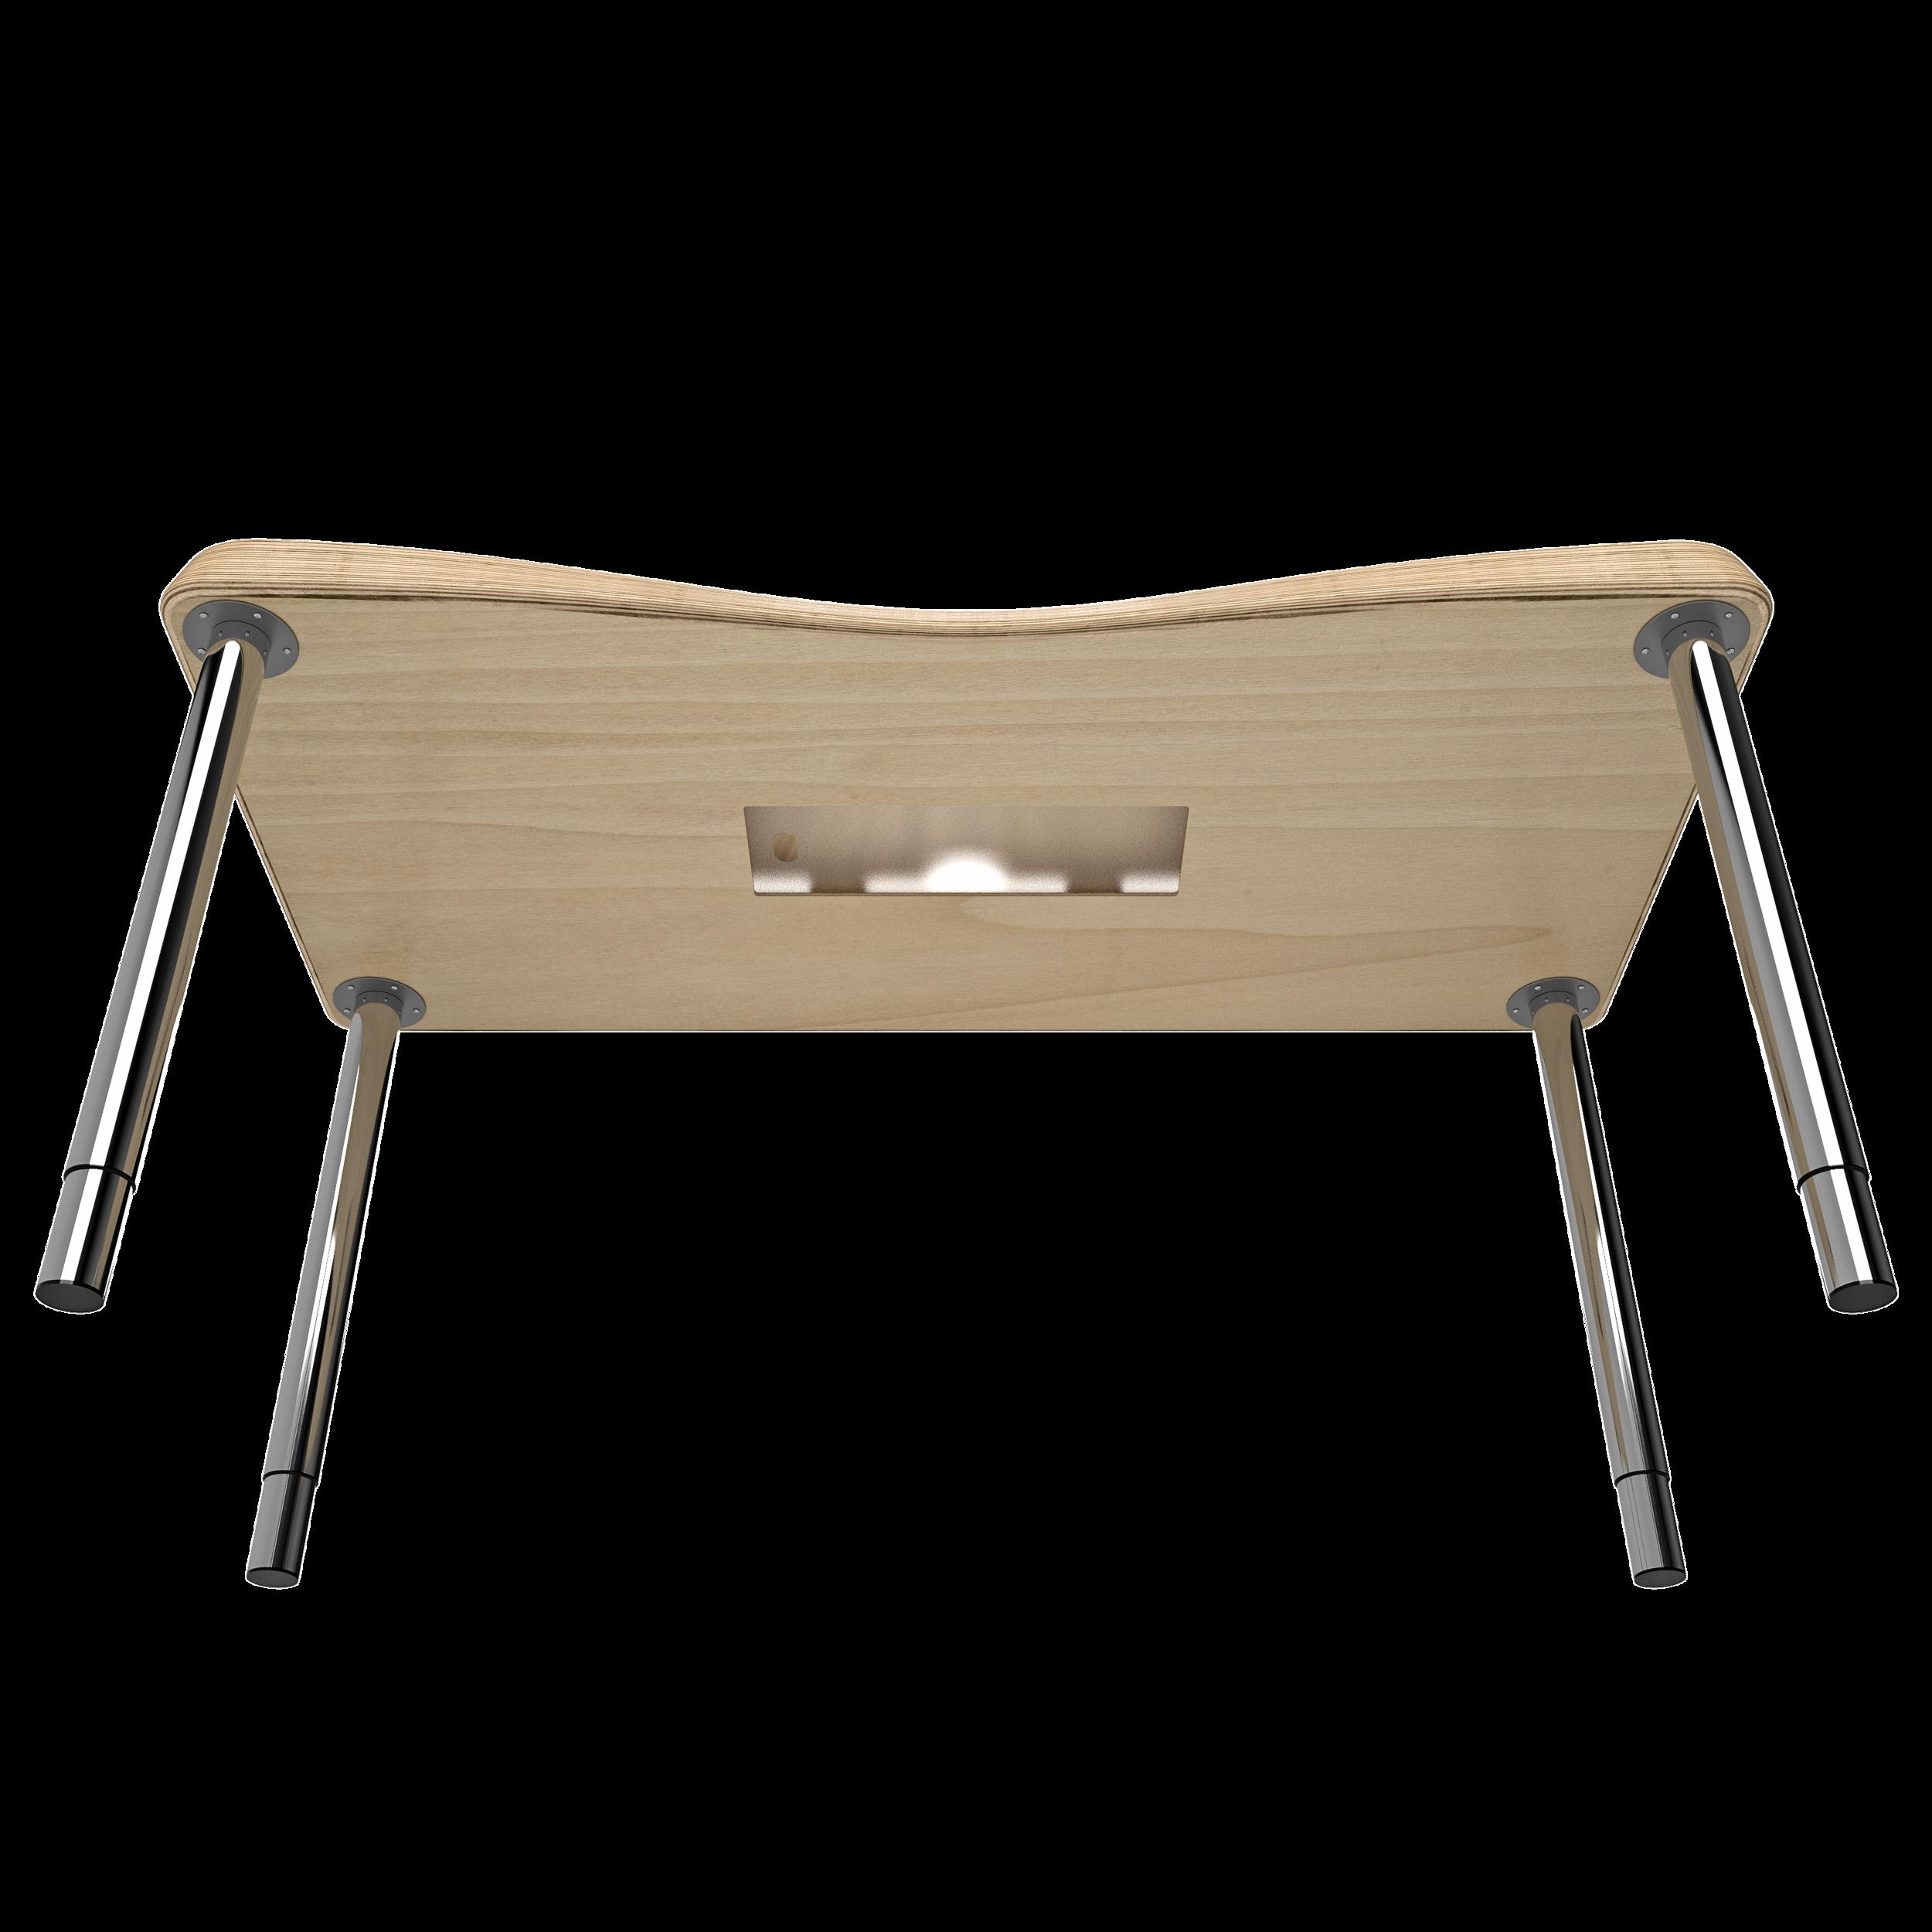 16_FD-009-Slider_IKEA-Gerton-Slider-55-edit-SQ.png